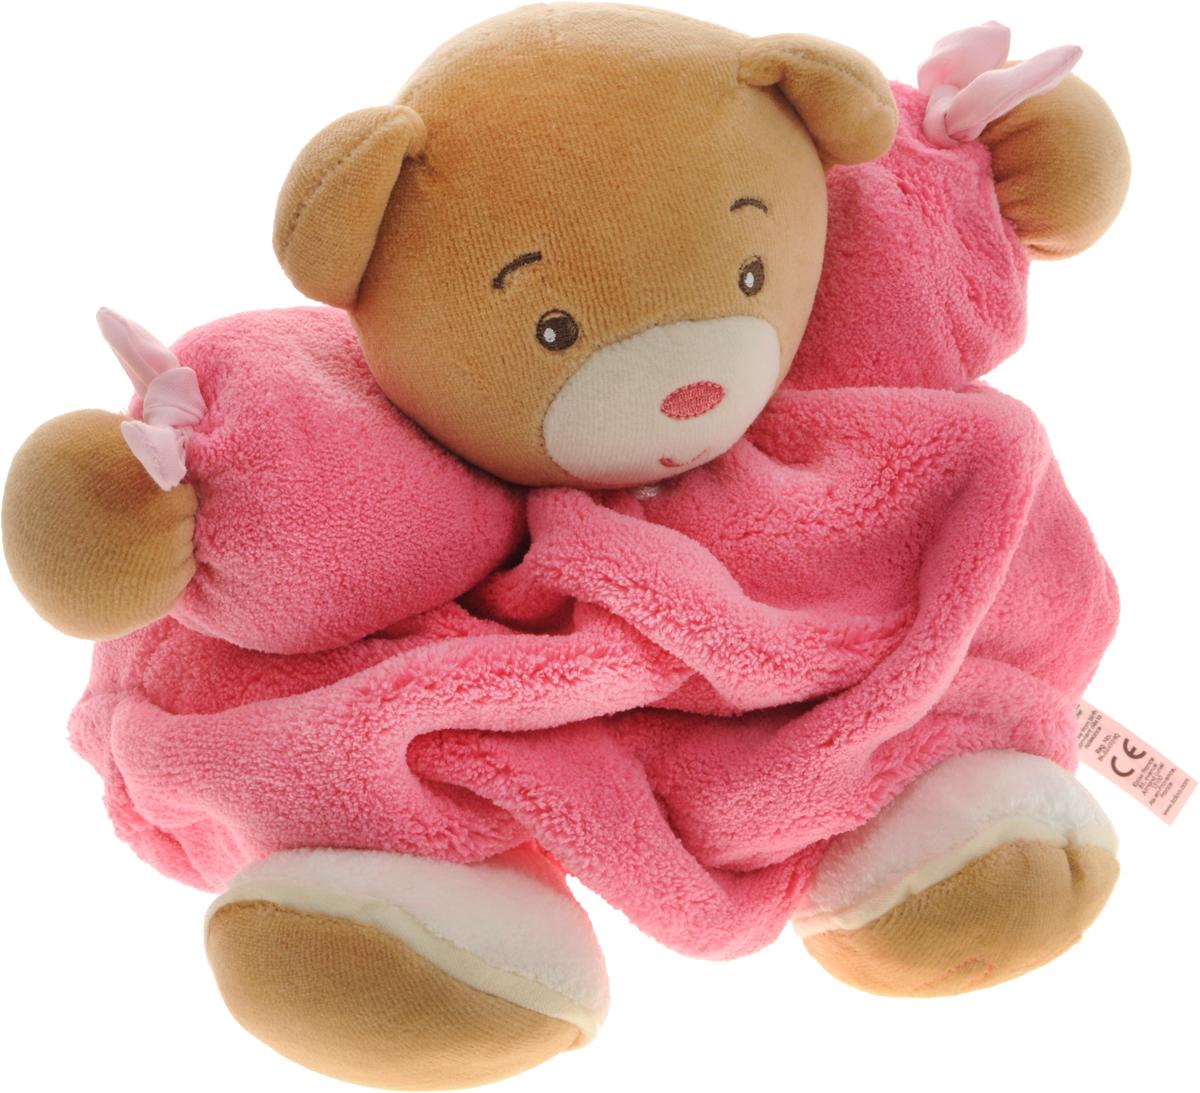 Kaloo Мягкая игрушка Мишка цвет розовый 22 смK962300Великолепный мягкий медвежонок розового цвета Kaloo привлечет внимание малыша и надолго станет его постоянным спутником и любимой игрушкой. Игрушка выполнена из качественных и безопасных для здоровья детей материалов, которые не вызывают аллергии, приятны на ощупь и доставляют большое удовольствие во время игр. Игрушку приятно держать в руках, прижимать к себе и придумывать разнообразные игры. Игры с мягкими игрушками развивают тактильную чувствительность и сенсорное восприятие.